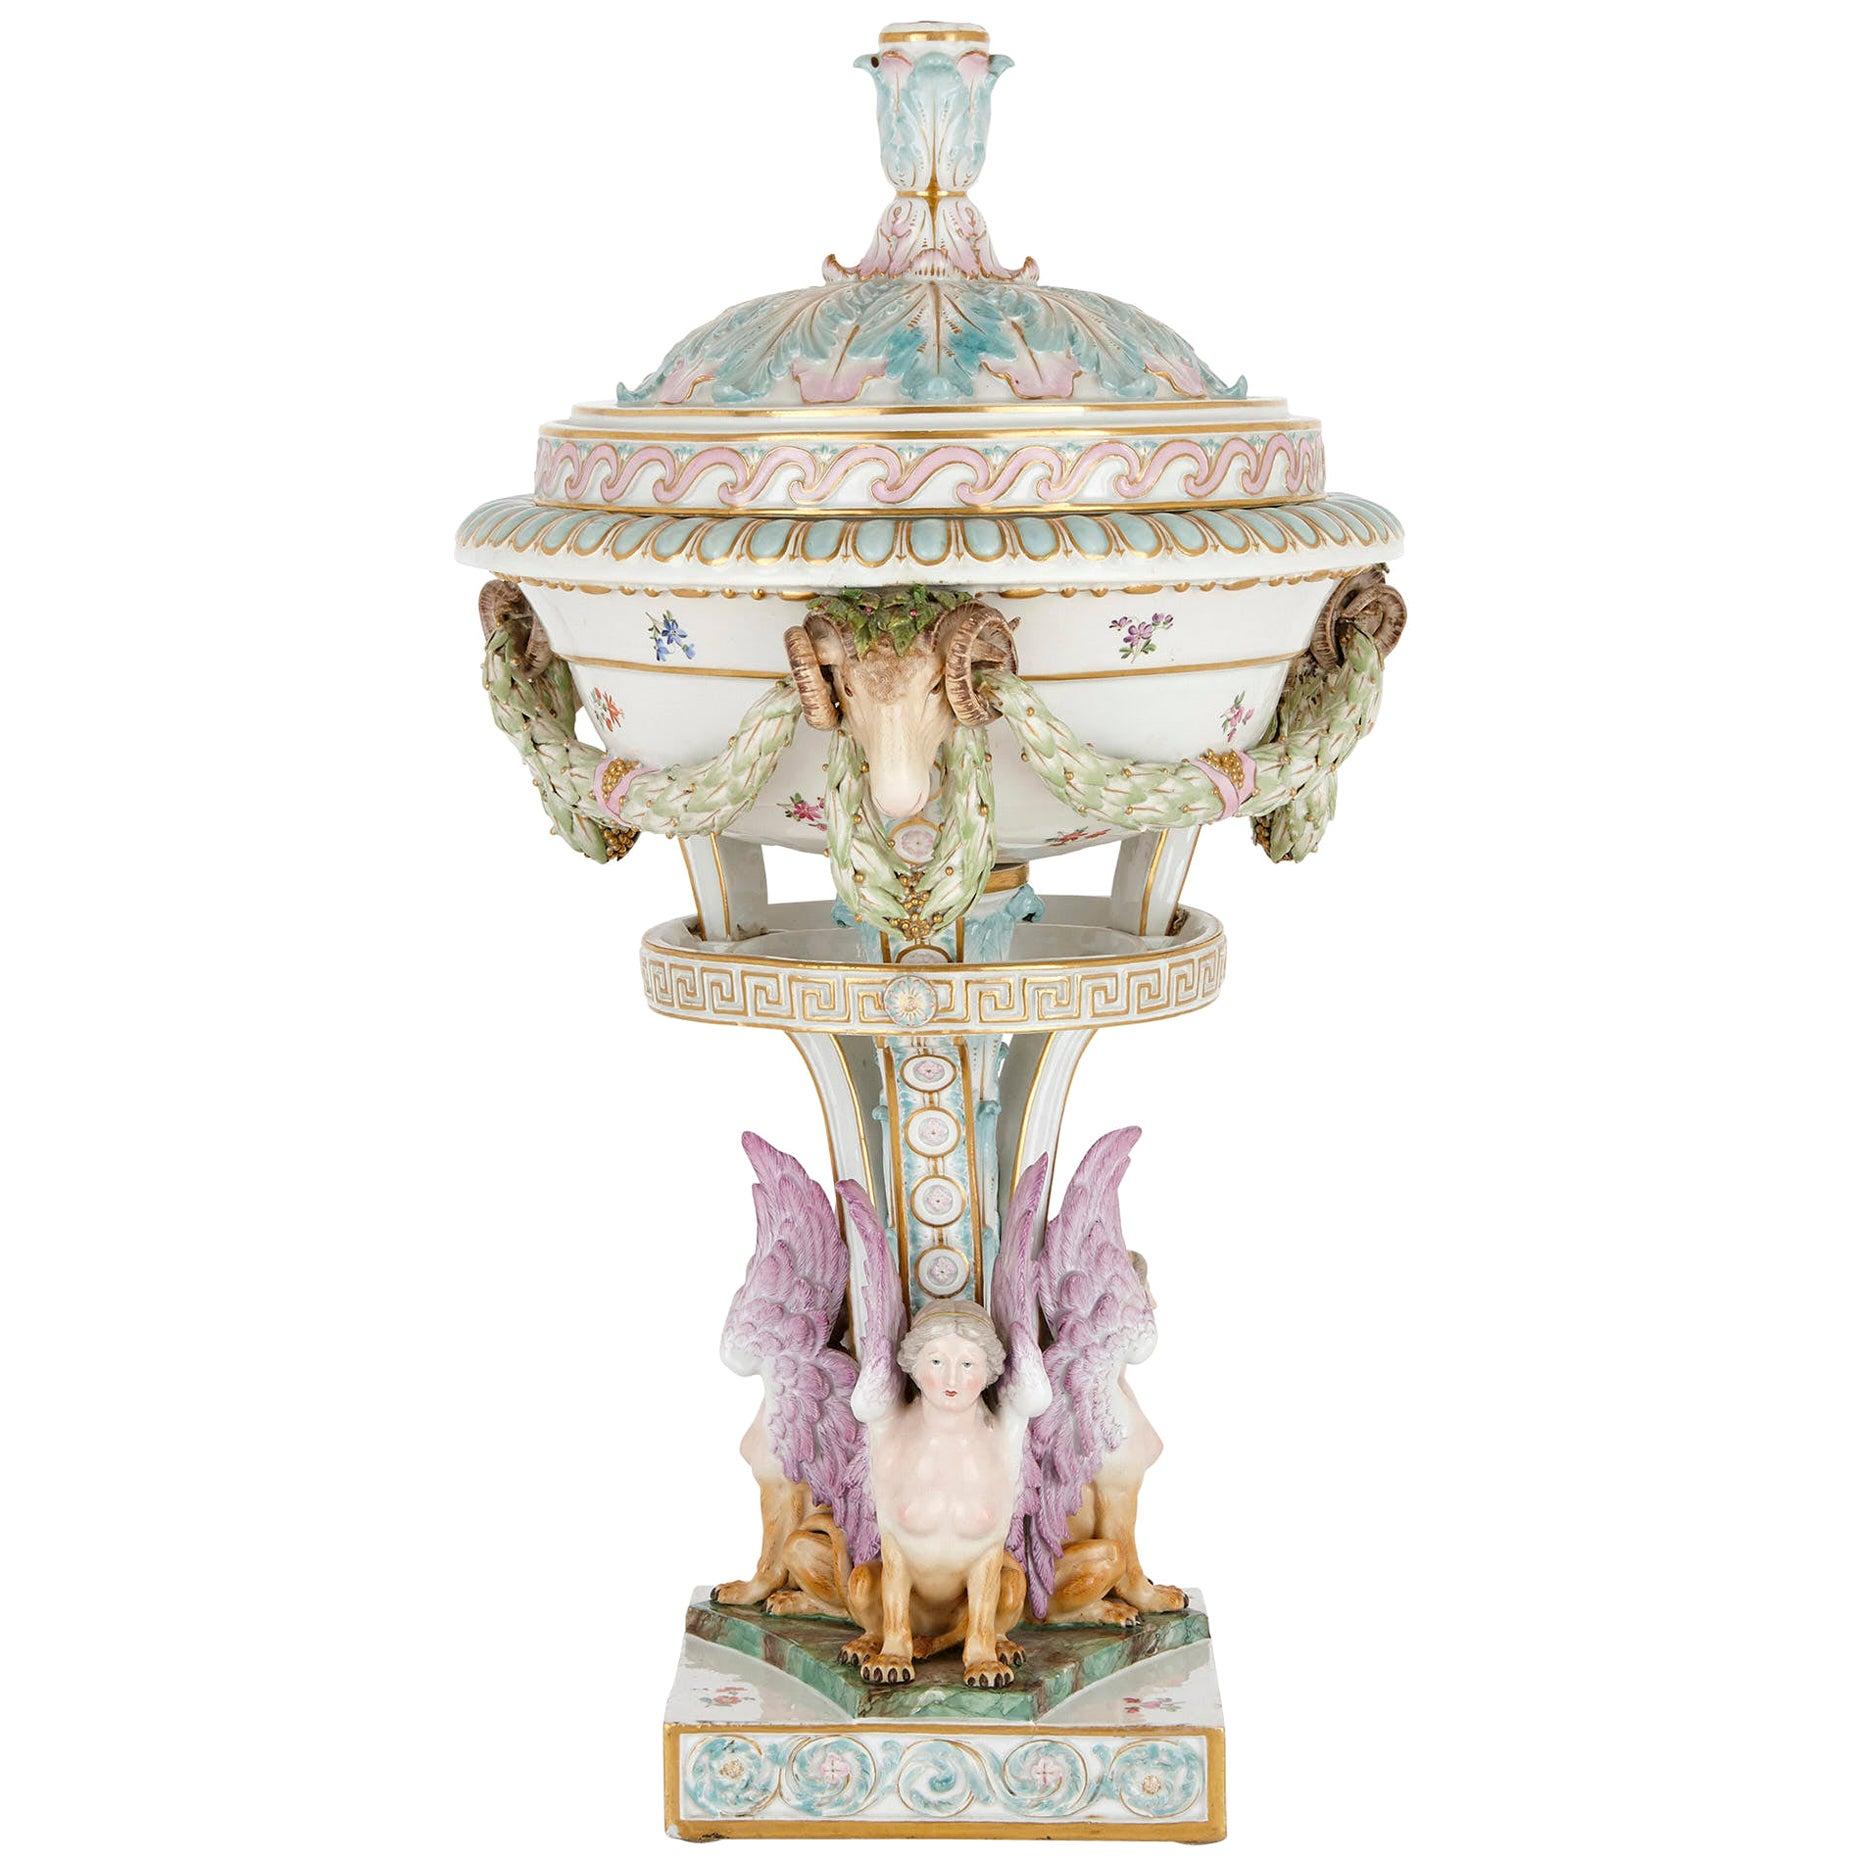 Antique Painted and Parcel Gilt Porcelain Vase by Meissen